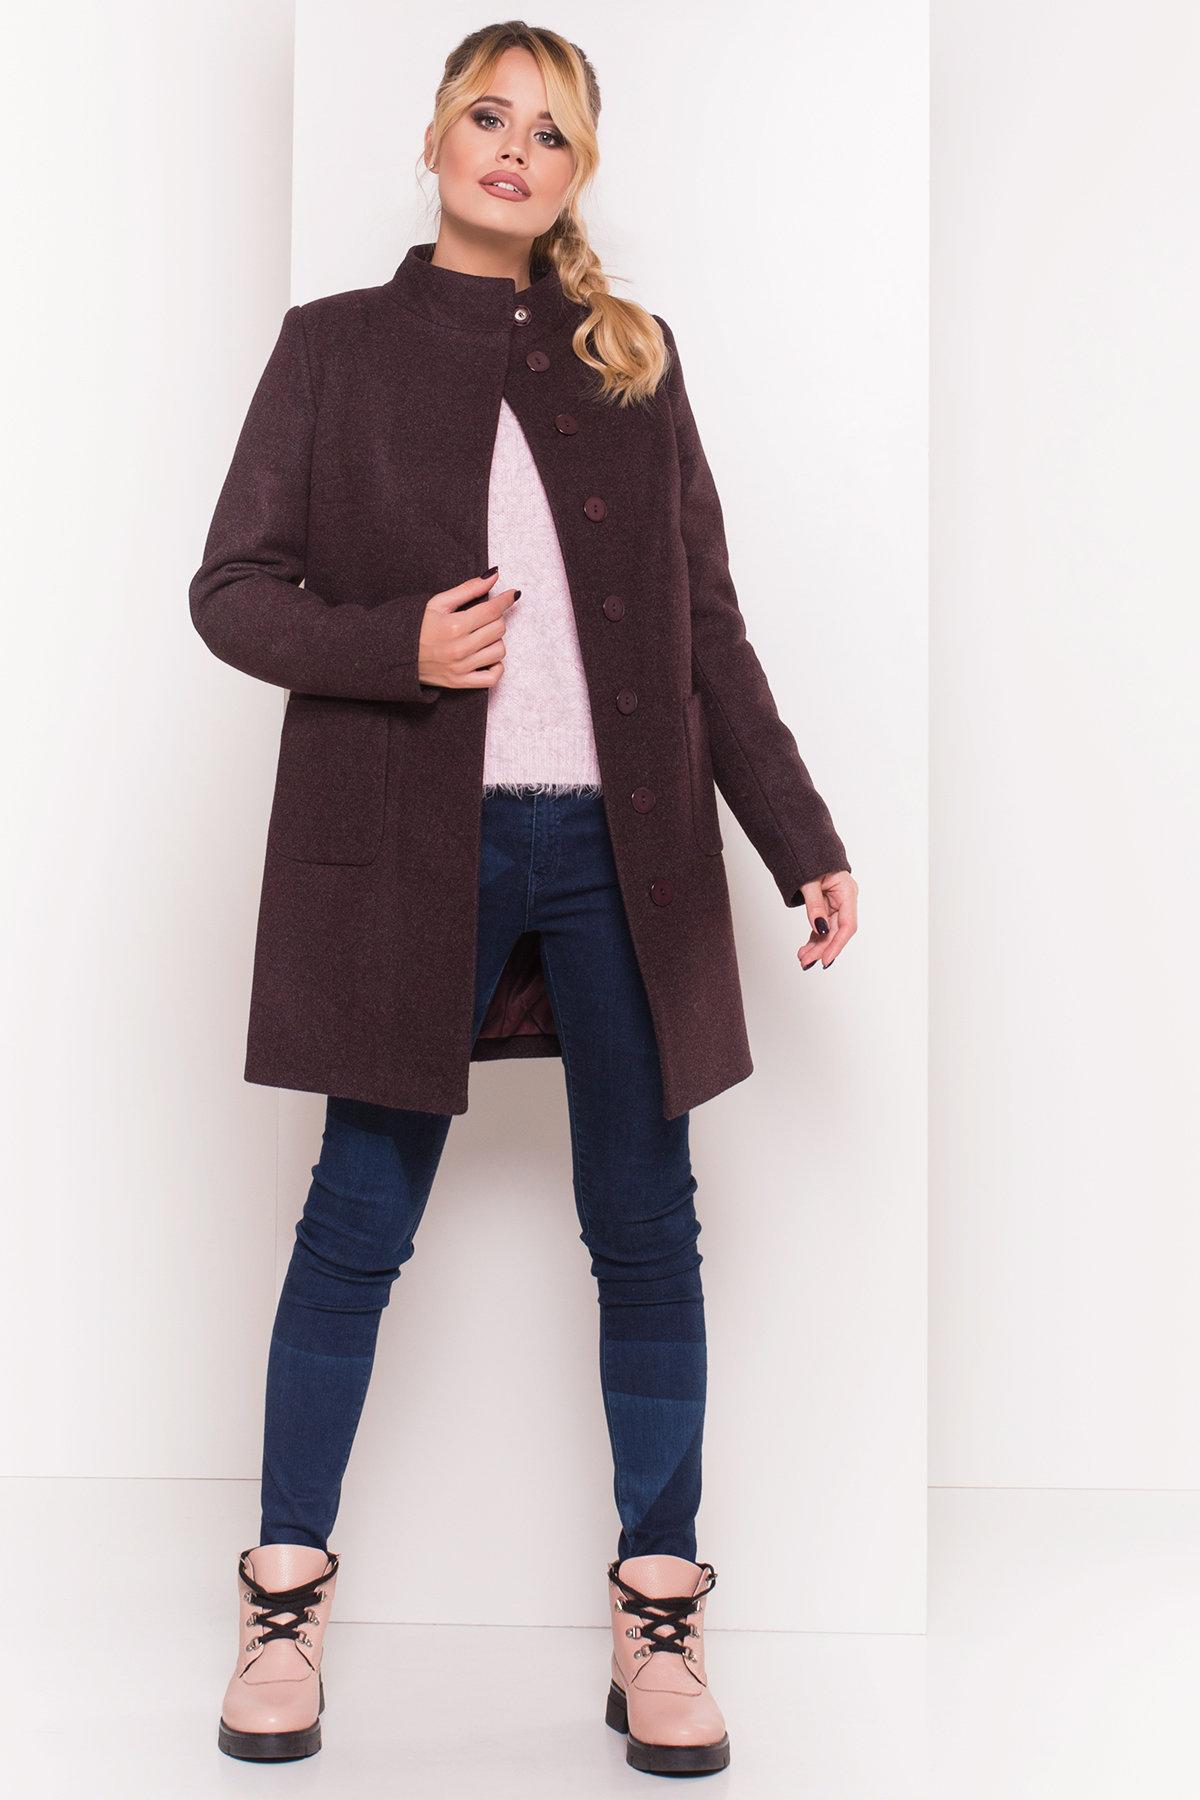 Пальто зима с хомутом Мелини 5644 АРТ. 38236 Цвет: Марсала 5 - фото 3, интернет магазин tm-modus.ru